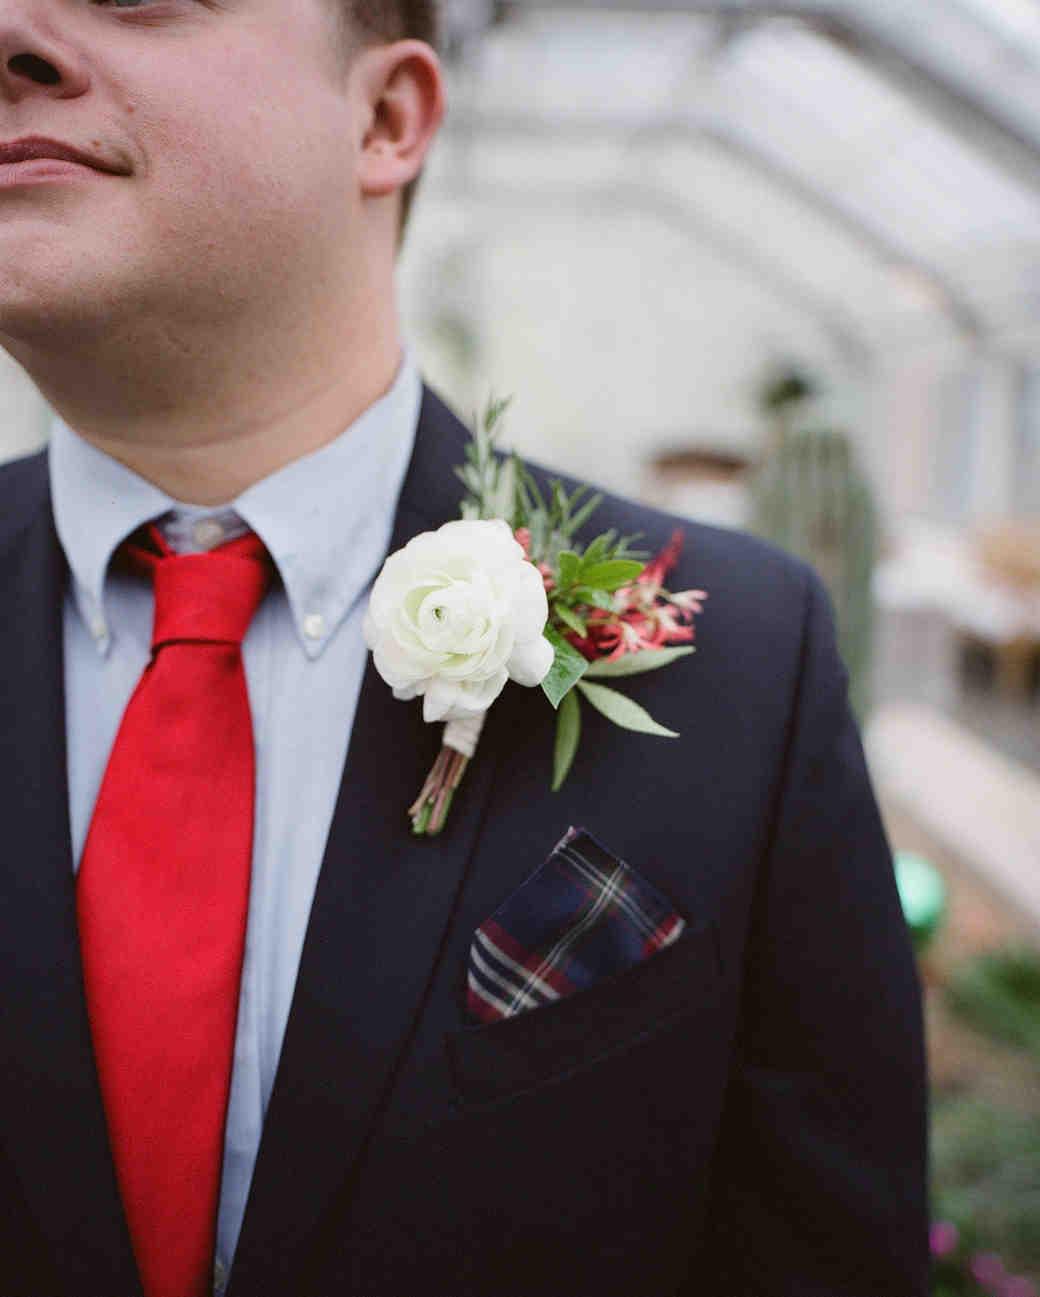 jessie-justin-wedding-boutonniere-17-s112135-0915.jpg